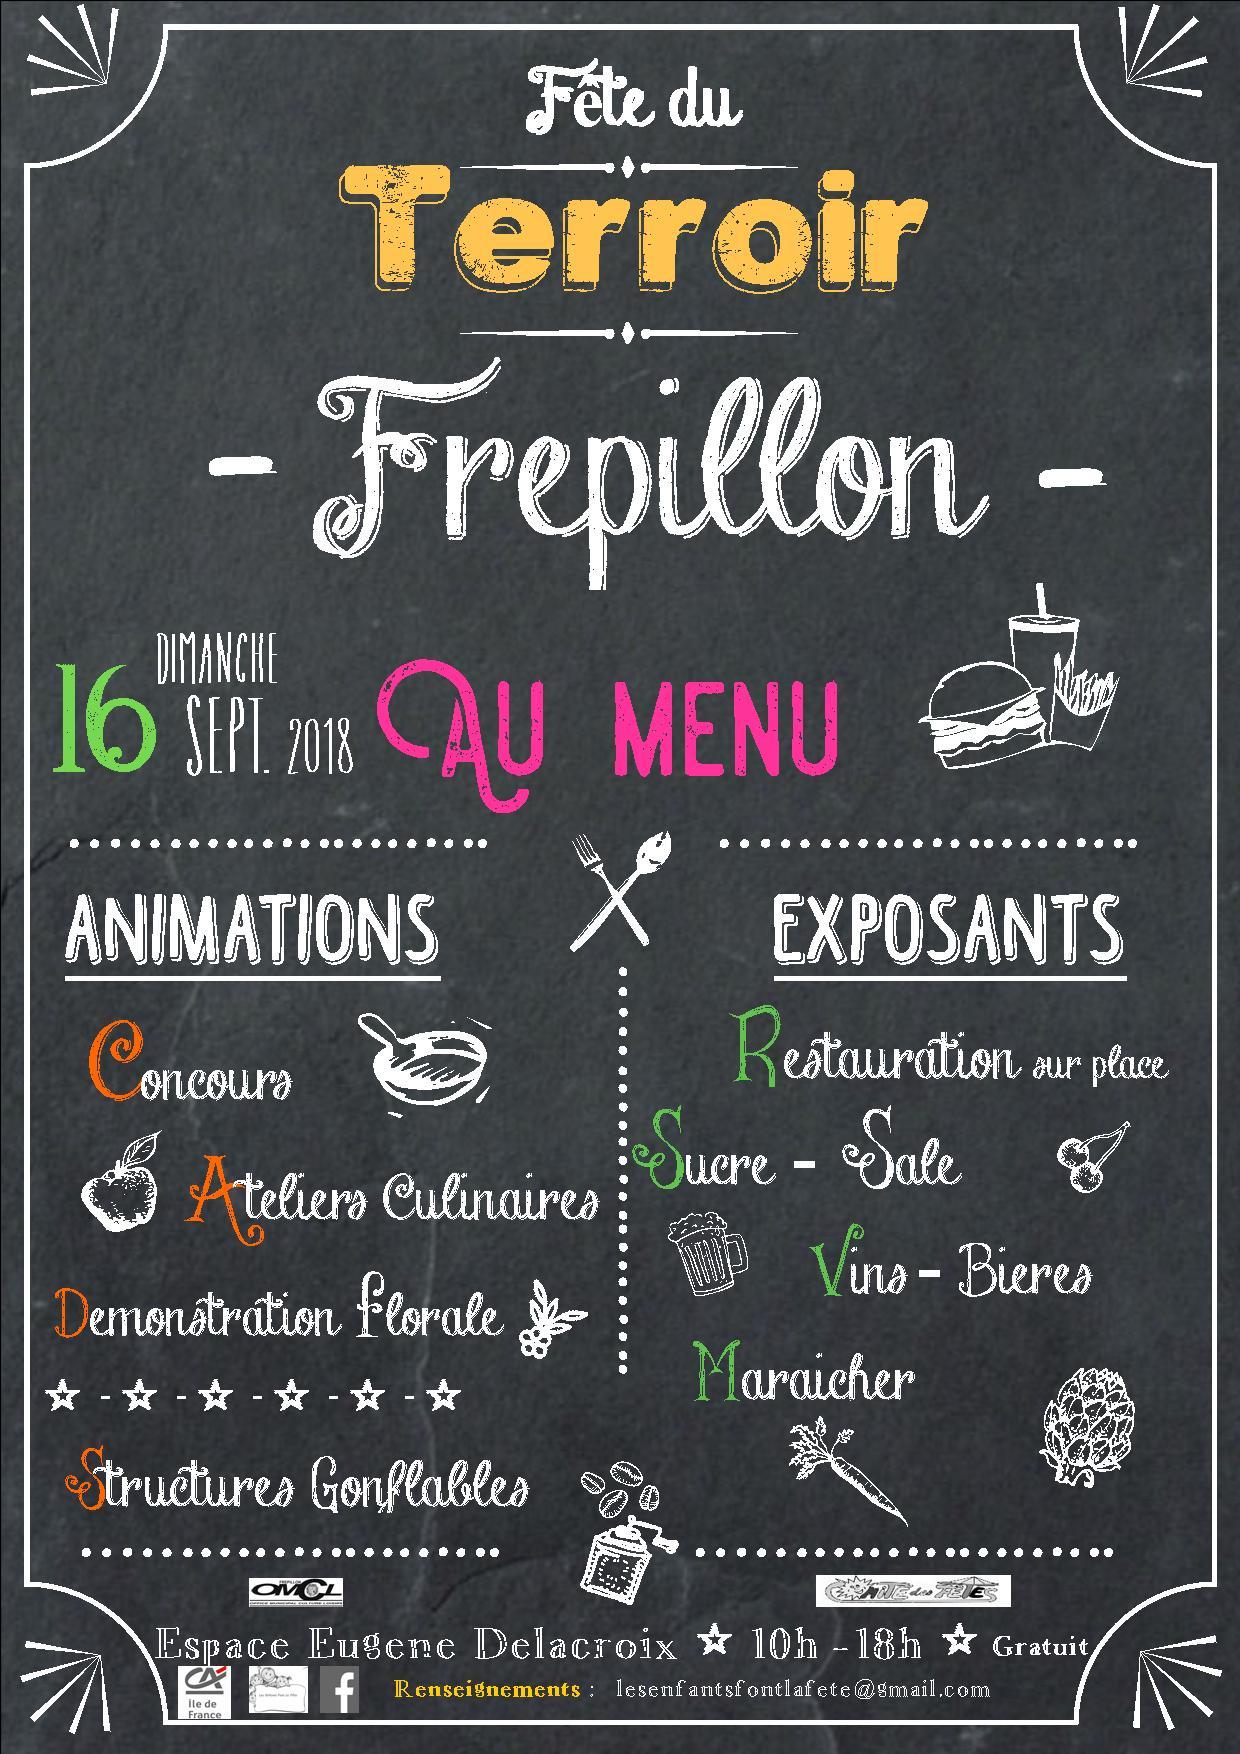 Fête du terroir à Frépillon le 16 septembre 2018